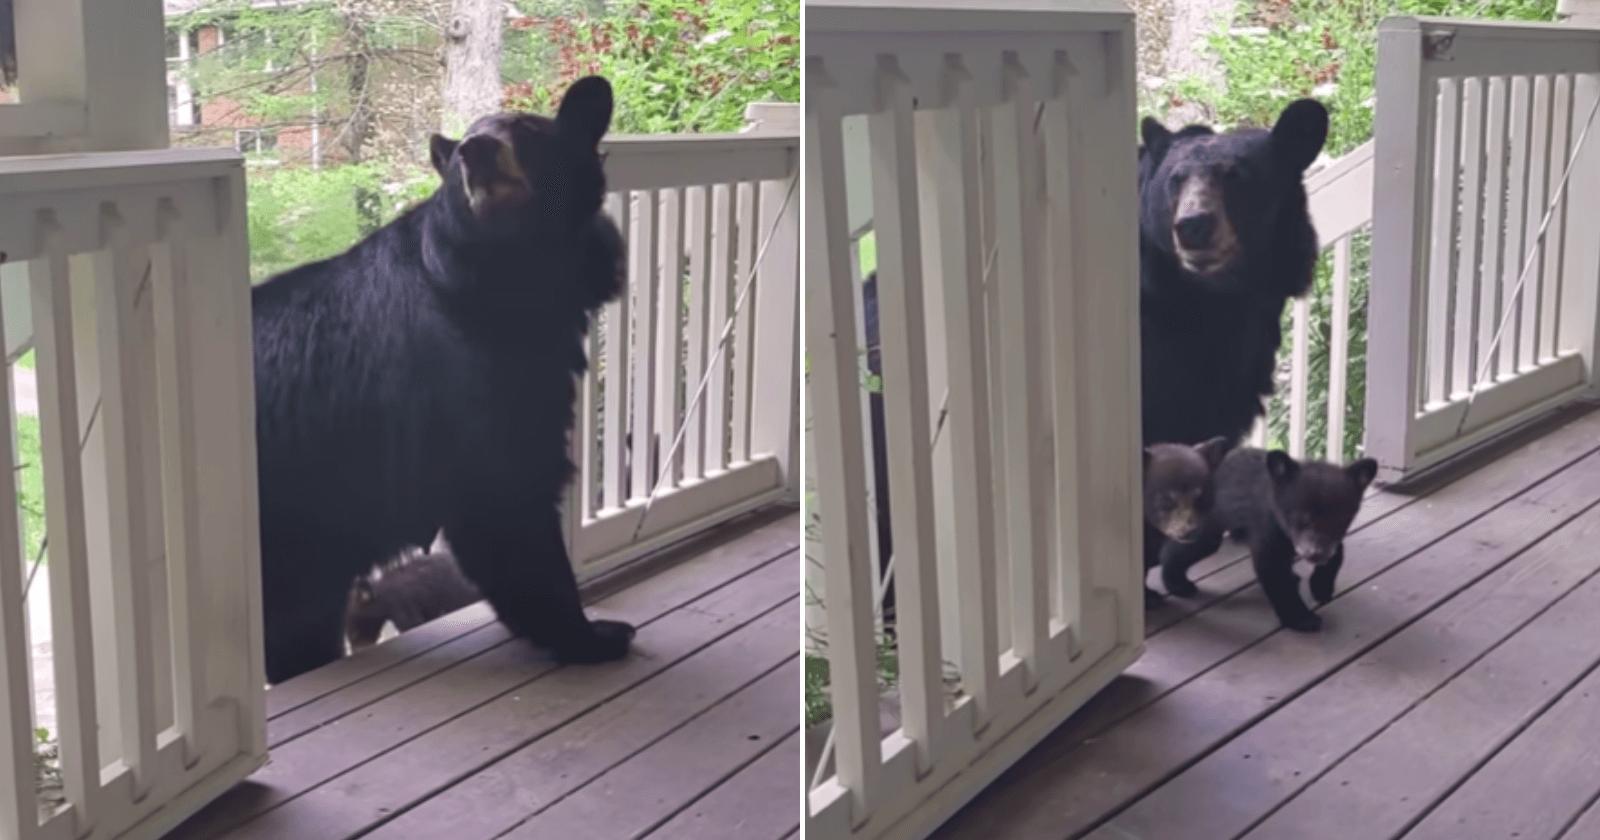 Que amor! Ursa apresenta seus filhotes para amigo humano